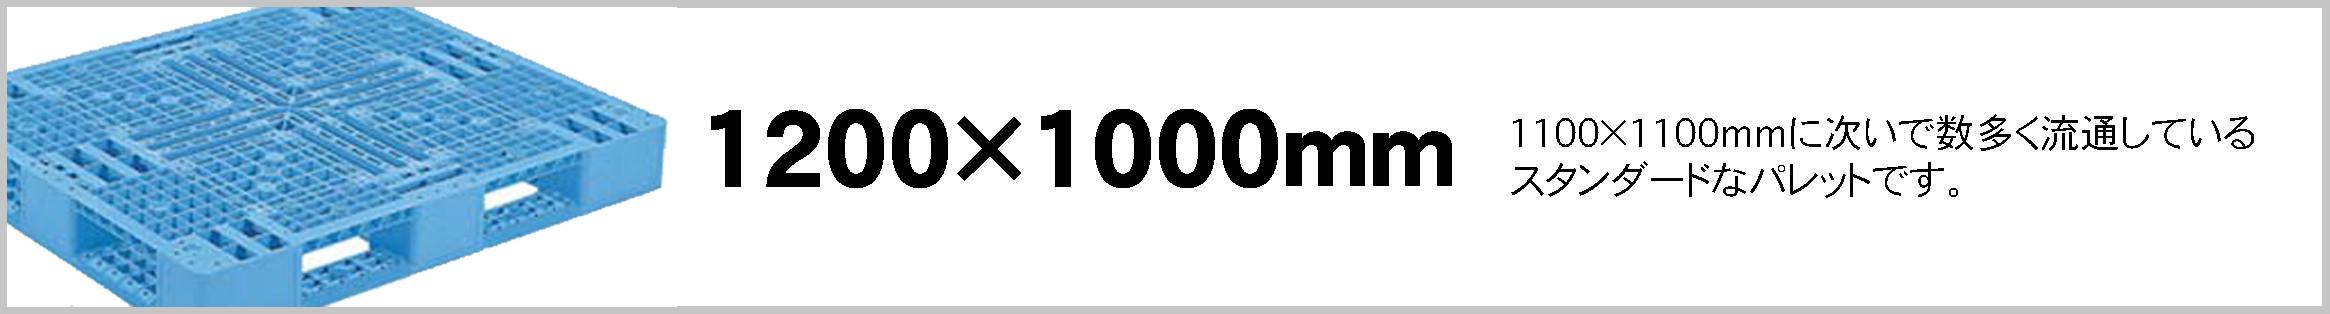 プラスチックパレット(三甲、岐阜プラスチック工業)1200×1000mm